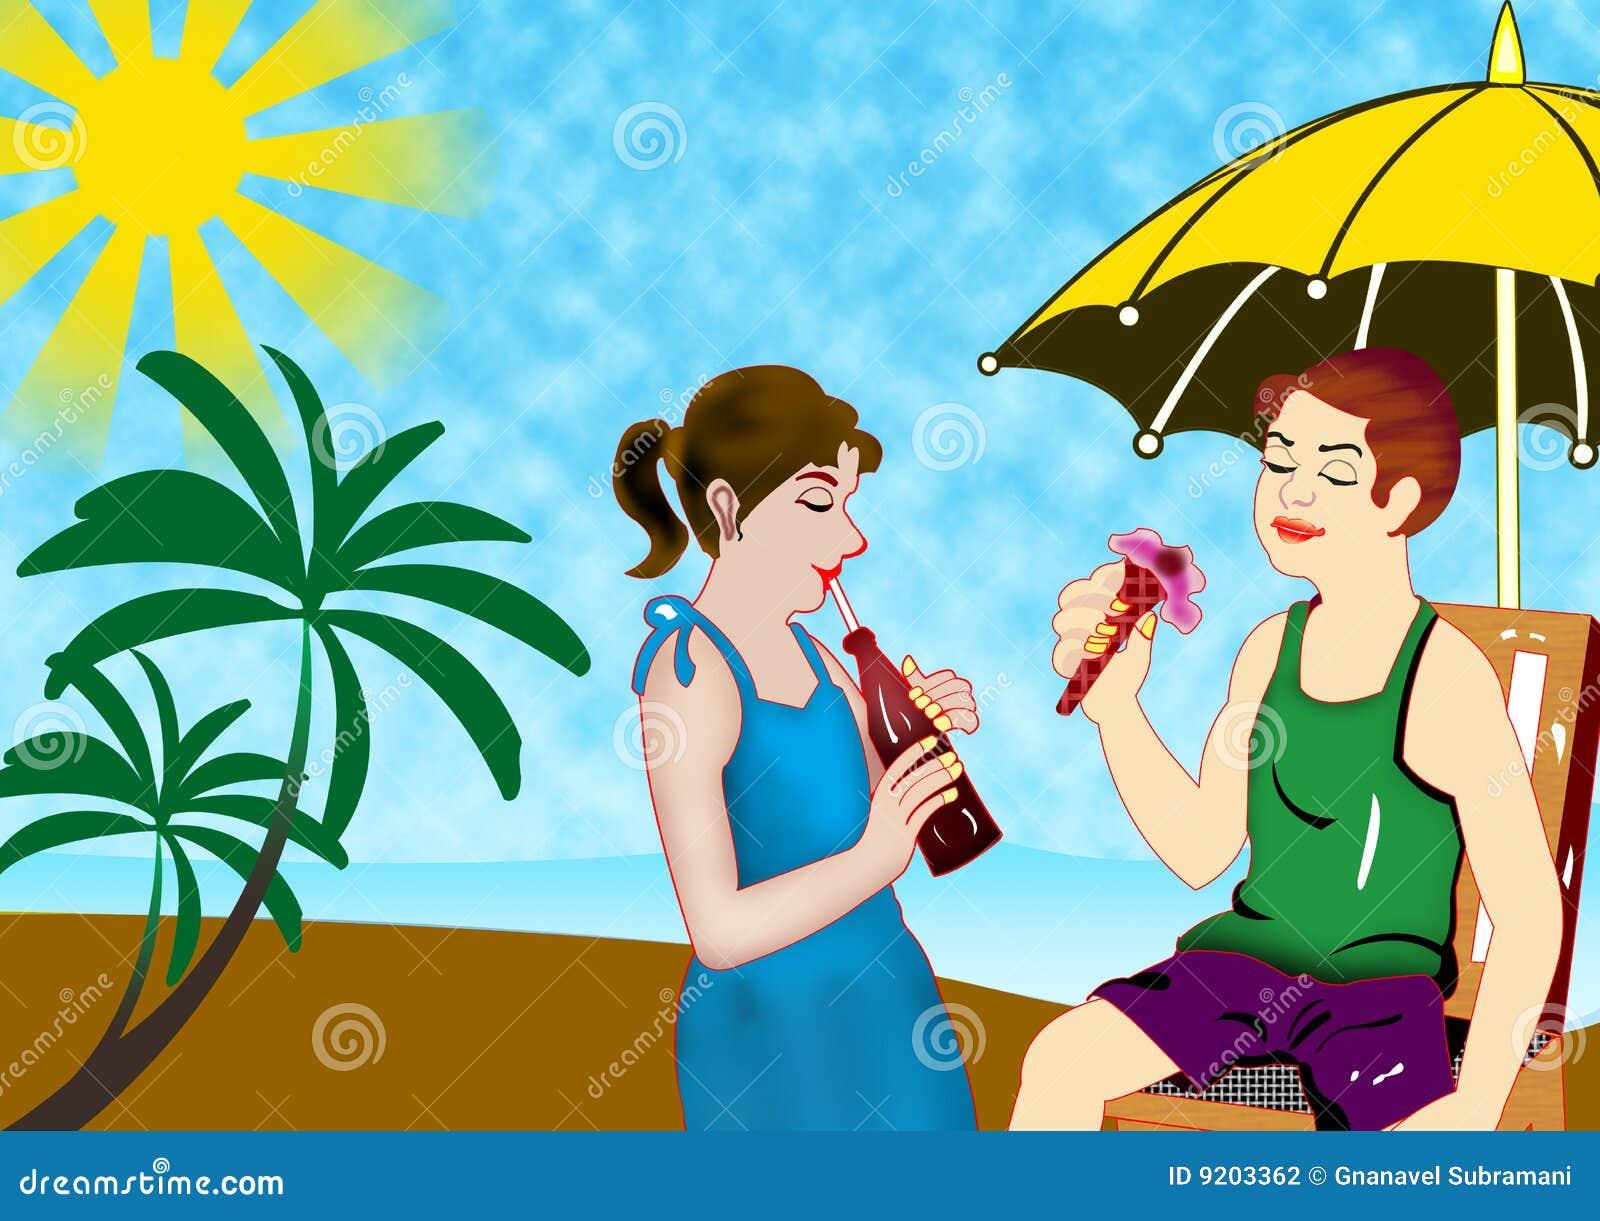 summer season stock photography image 9203362 clip art ice cream cone black and white clip art ice cream cone stack